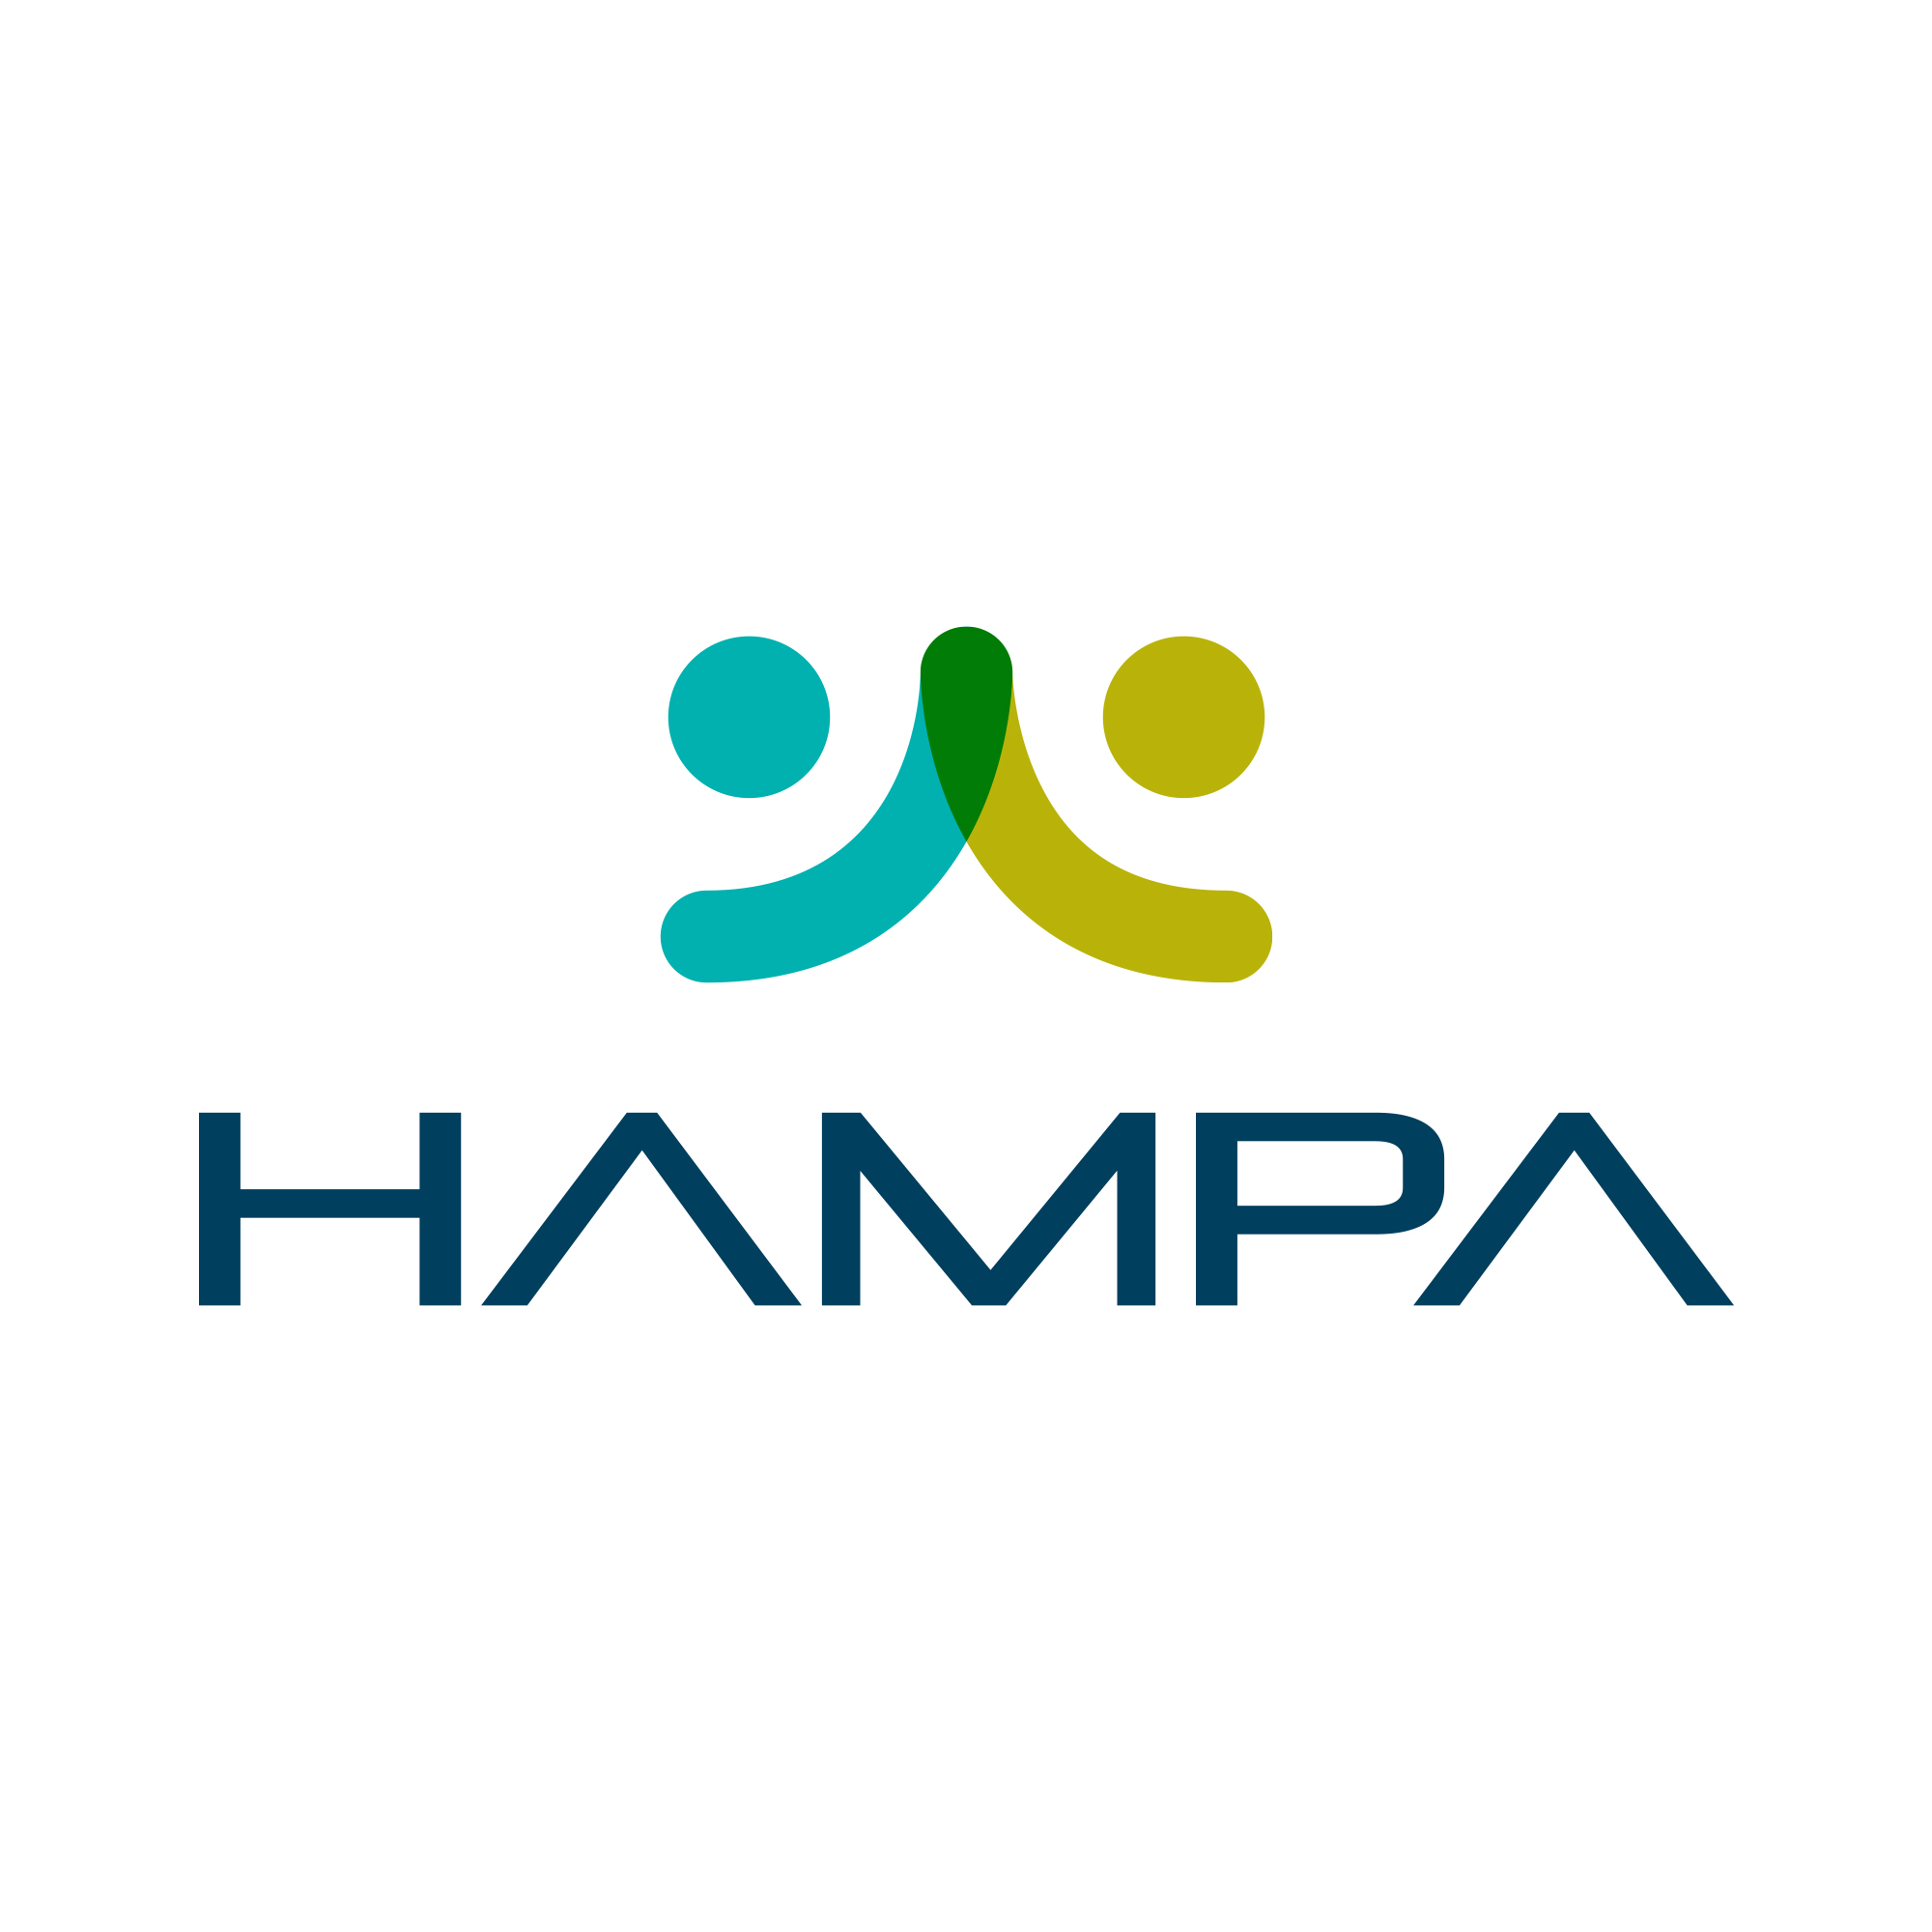 لوگوی همپا